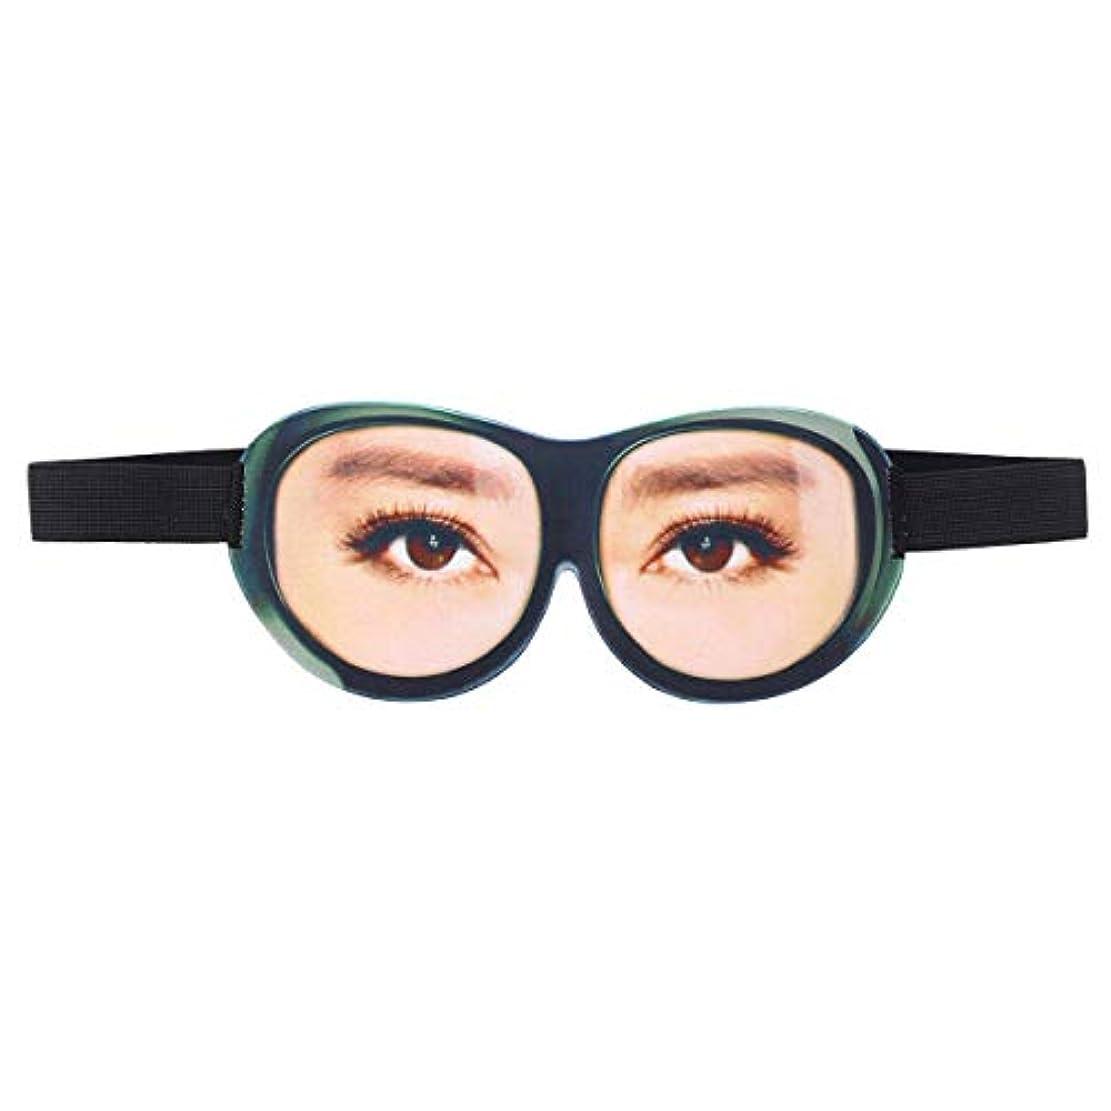 静かなシリーズ瀬戸際SUPVOX 面白いアイシェード3Dスリープマスクブラインドパッチアイマスク目隠し